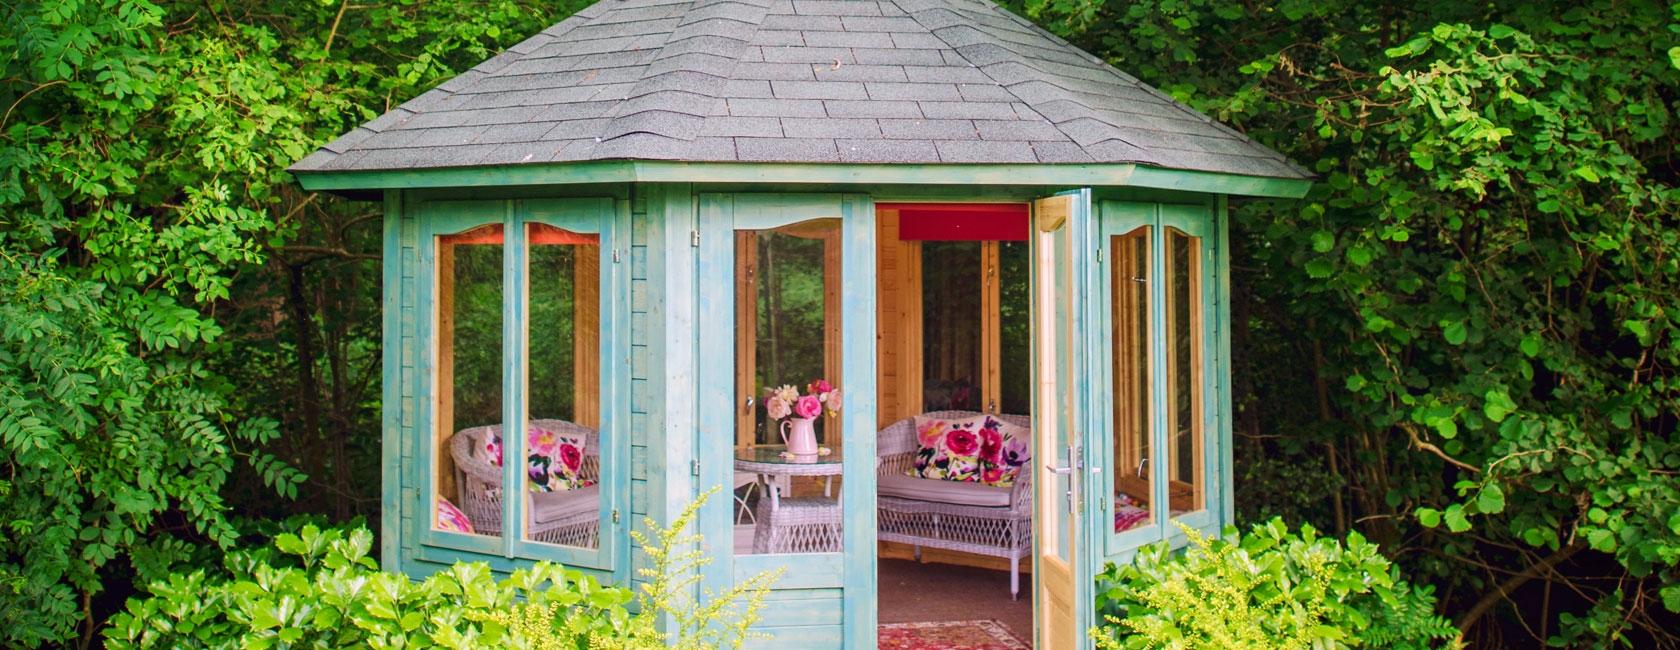 Haydock Garden Buildings, Sheds, Summer Houses, Log Cabins